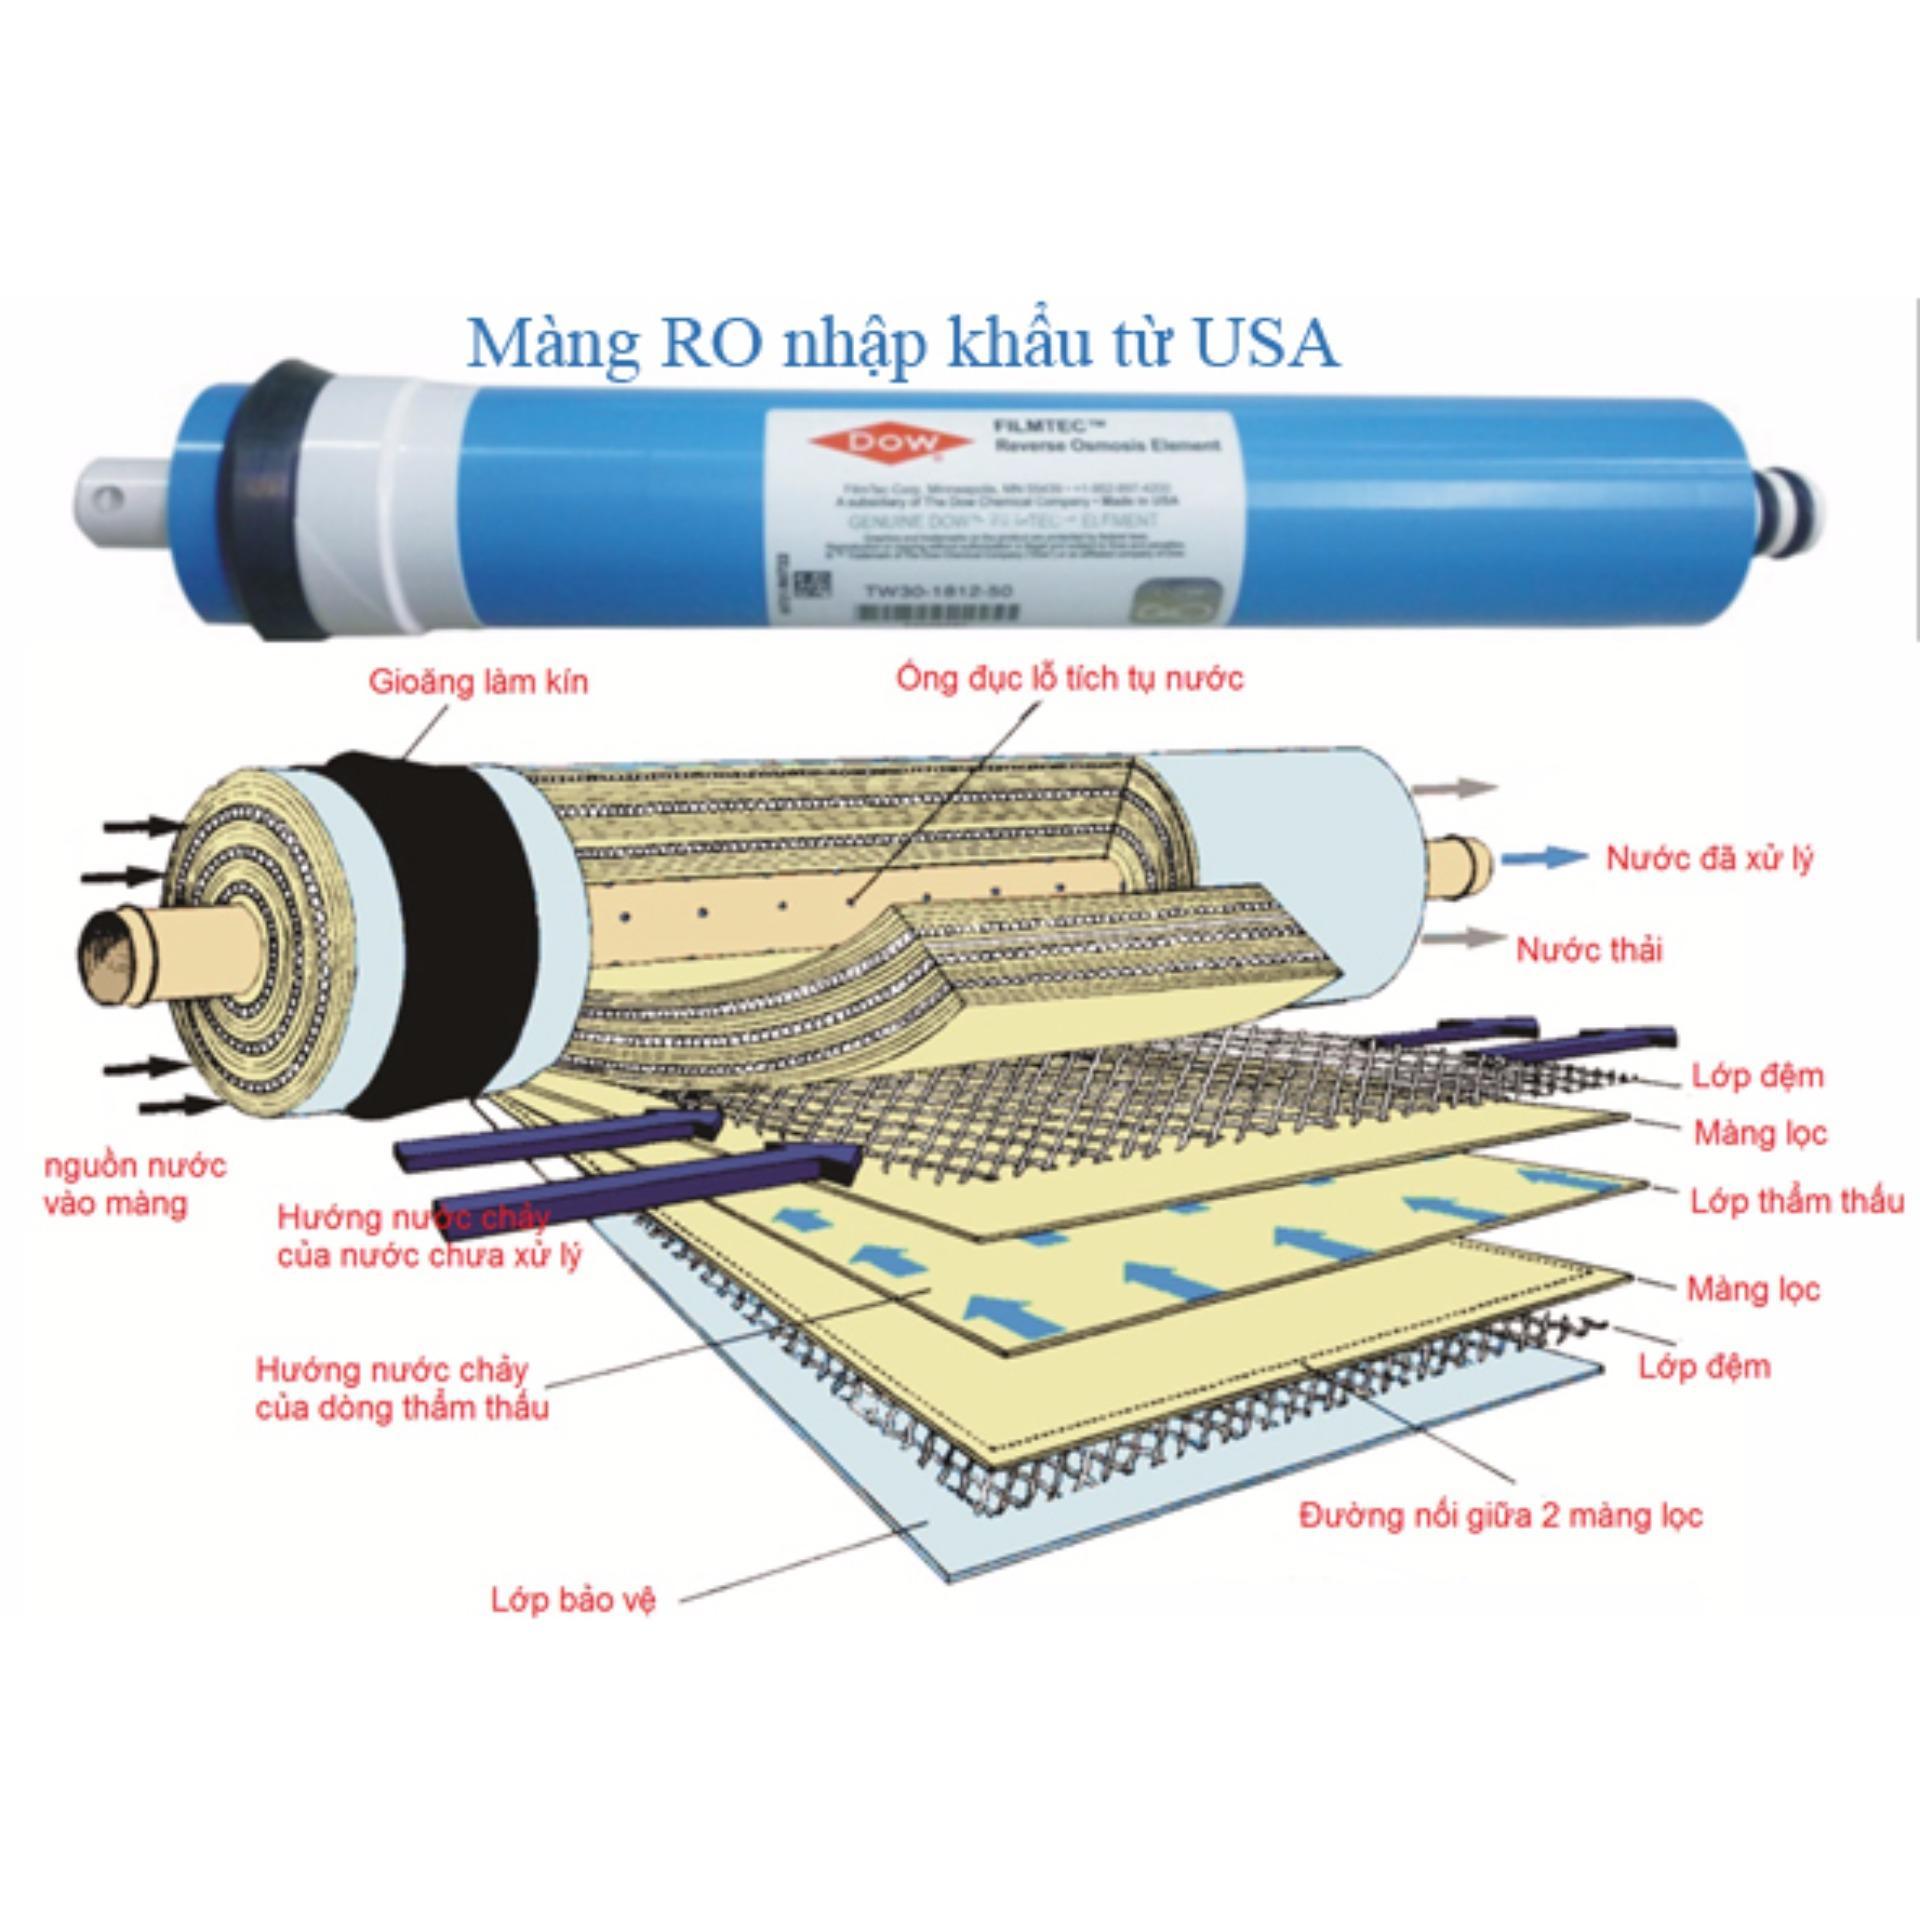 Lõi lọc nước số 4 màng RO DOW FILMTEC (Madein USA ) + Bộ 3 lõi lọc số 1,2,3